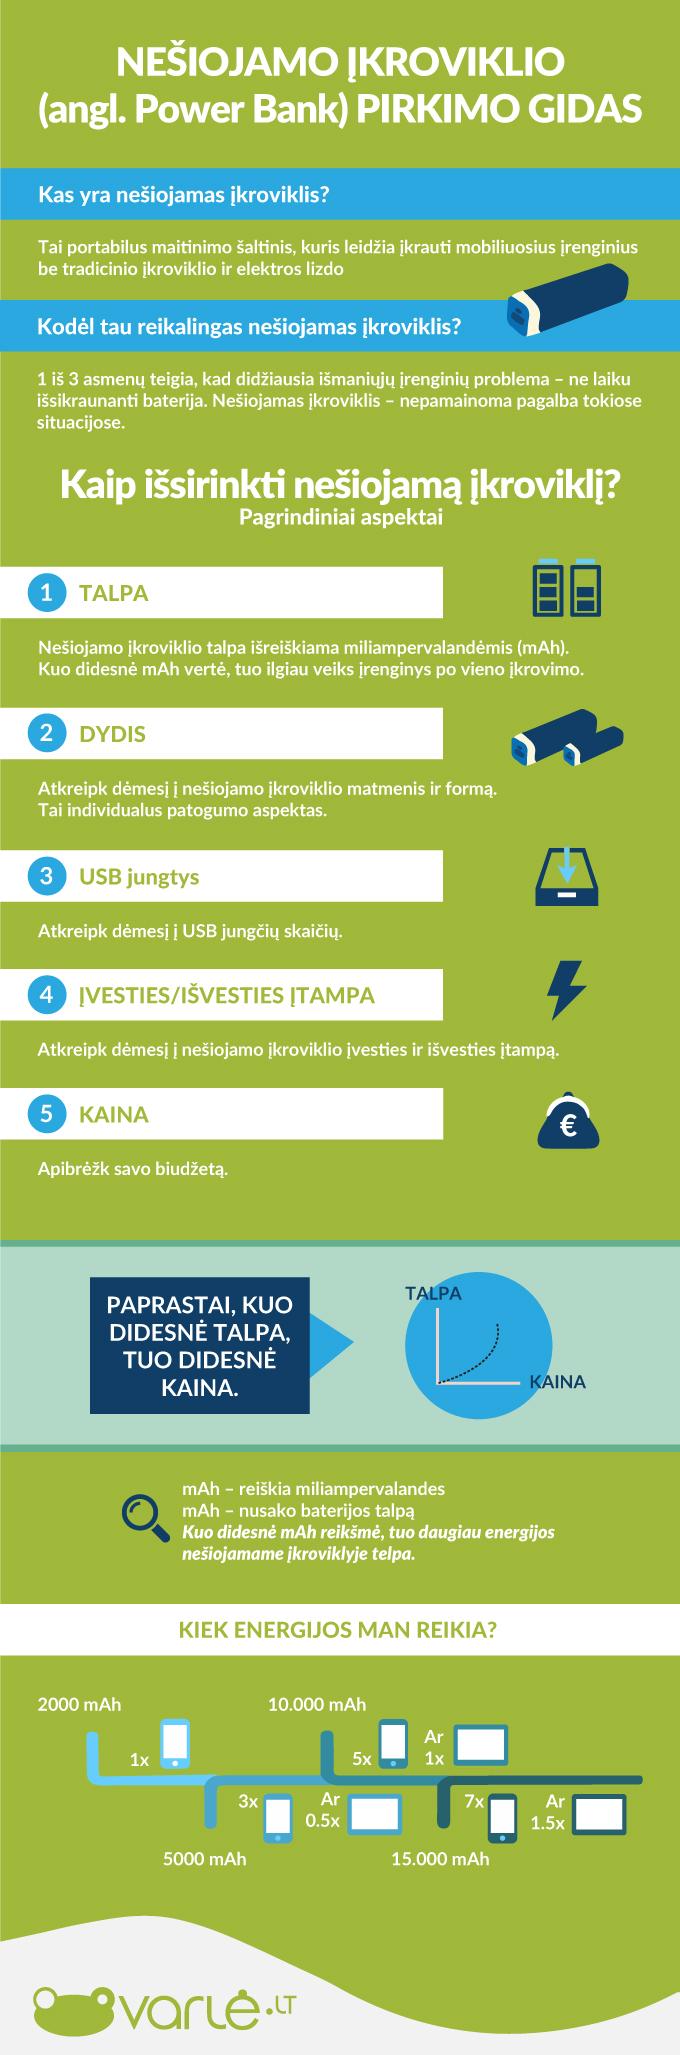 5 priežastys, kodėl jums reikalingas nešiojamas įkroviklis